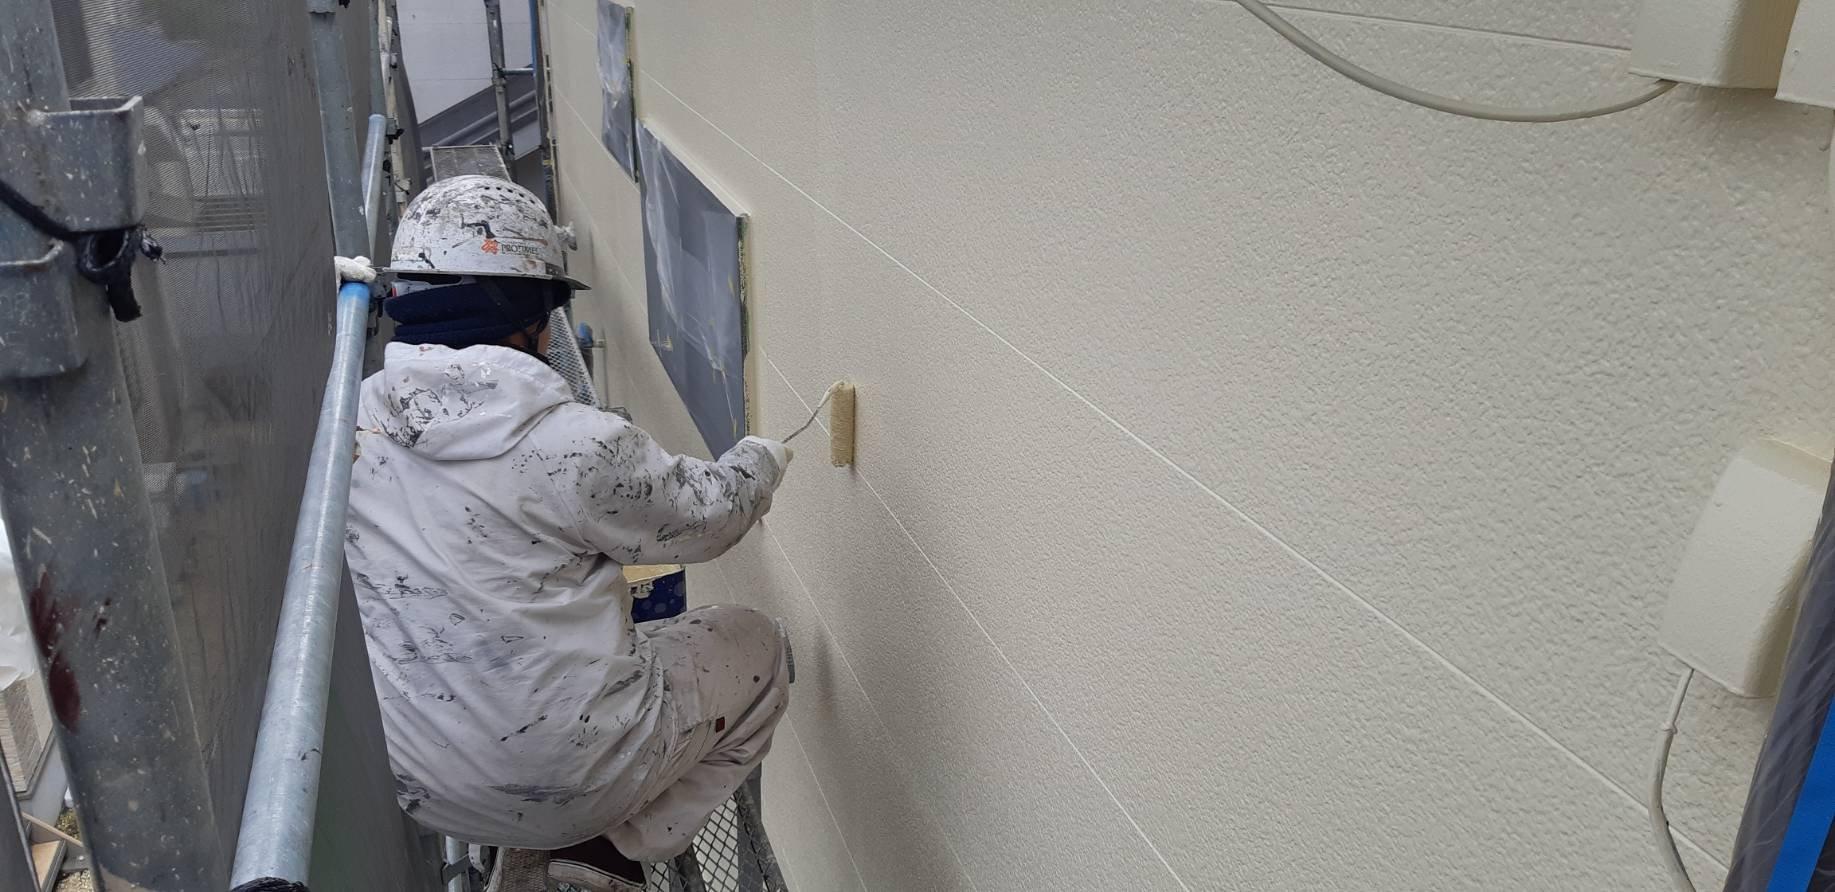 福岡県古賀市美明S<br> 様邸施工6日目外壁上塗り修正清掃完了検査作業